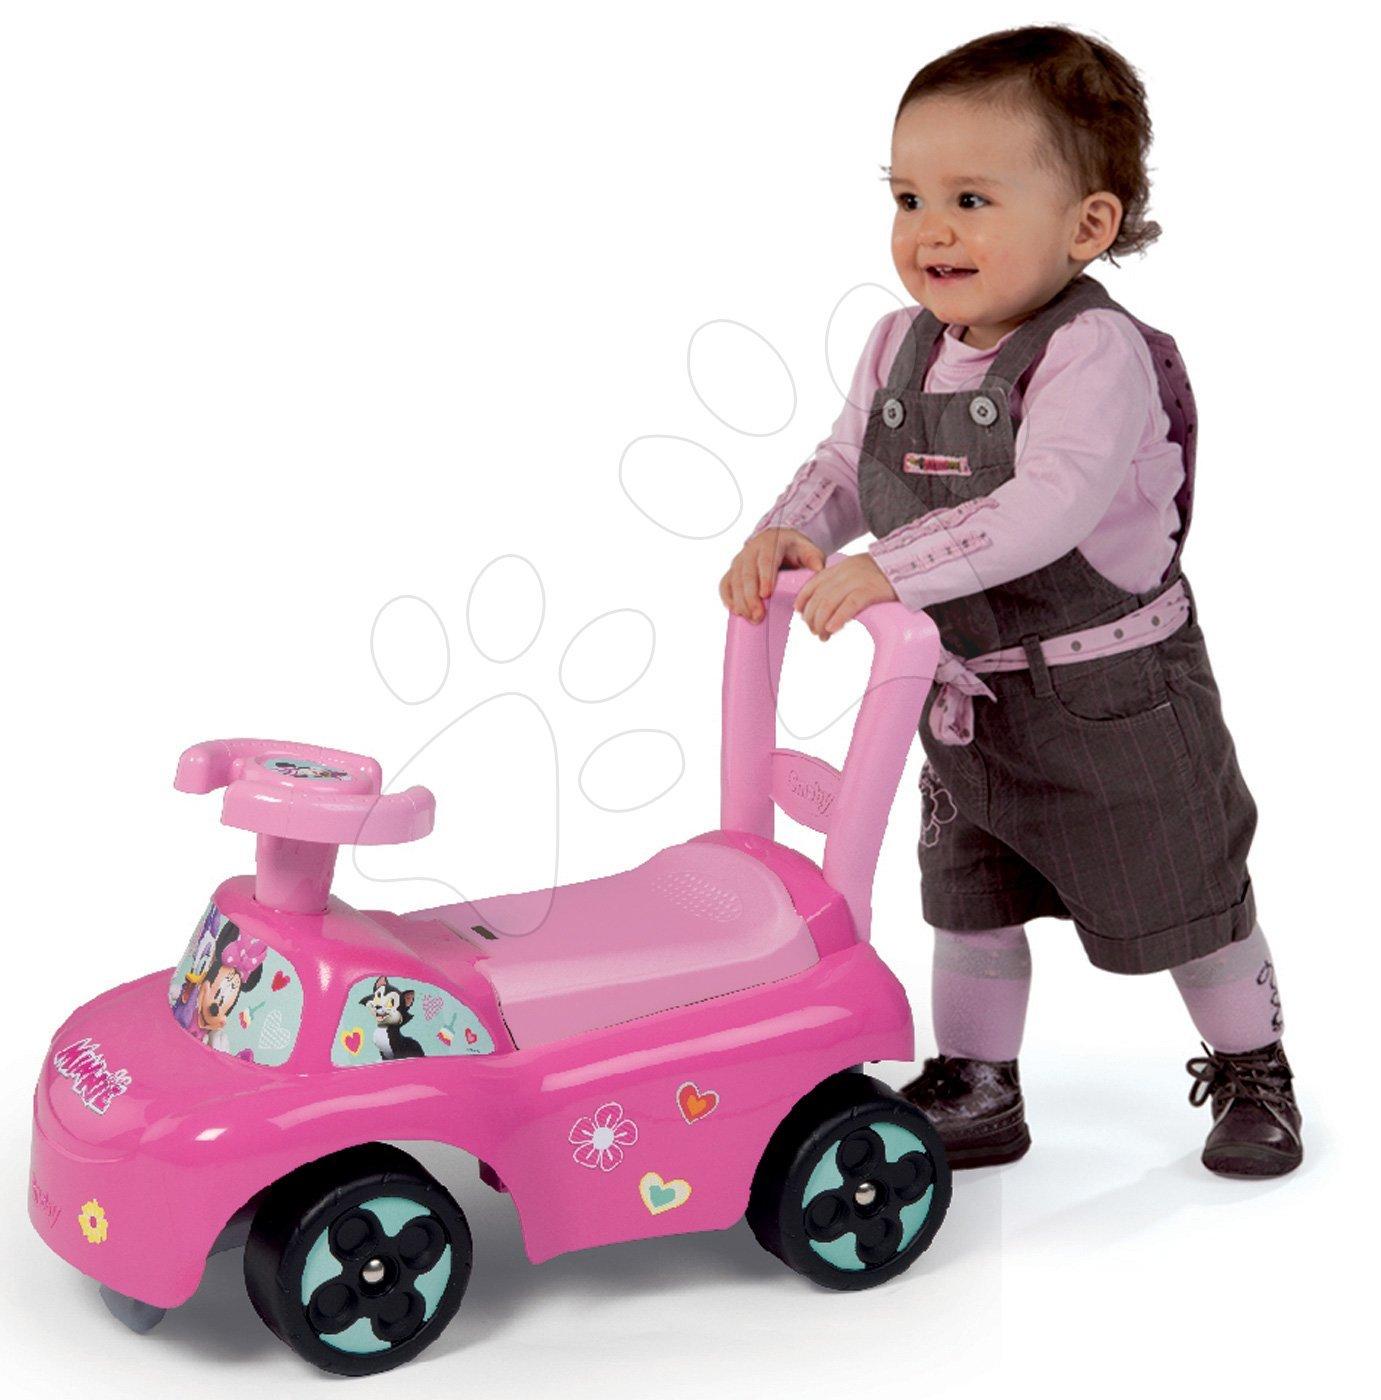 Babytaxiu şi premergător Minnie Disney Smoby cu spaţiu pentru depozitare şi spătar roz de la vârsta de 10 luni